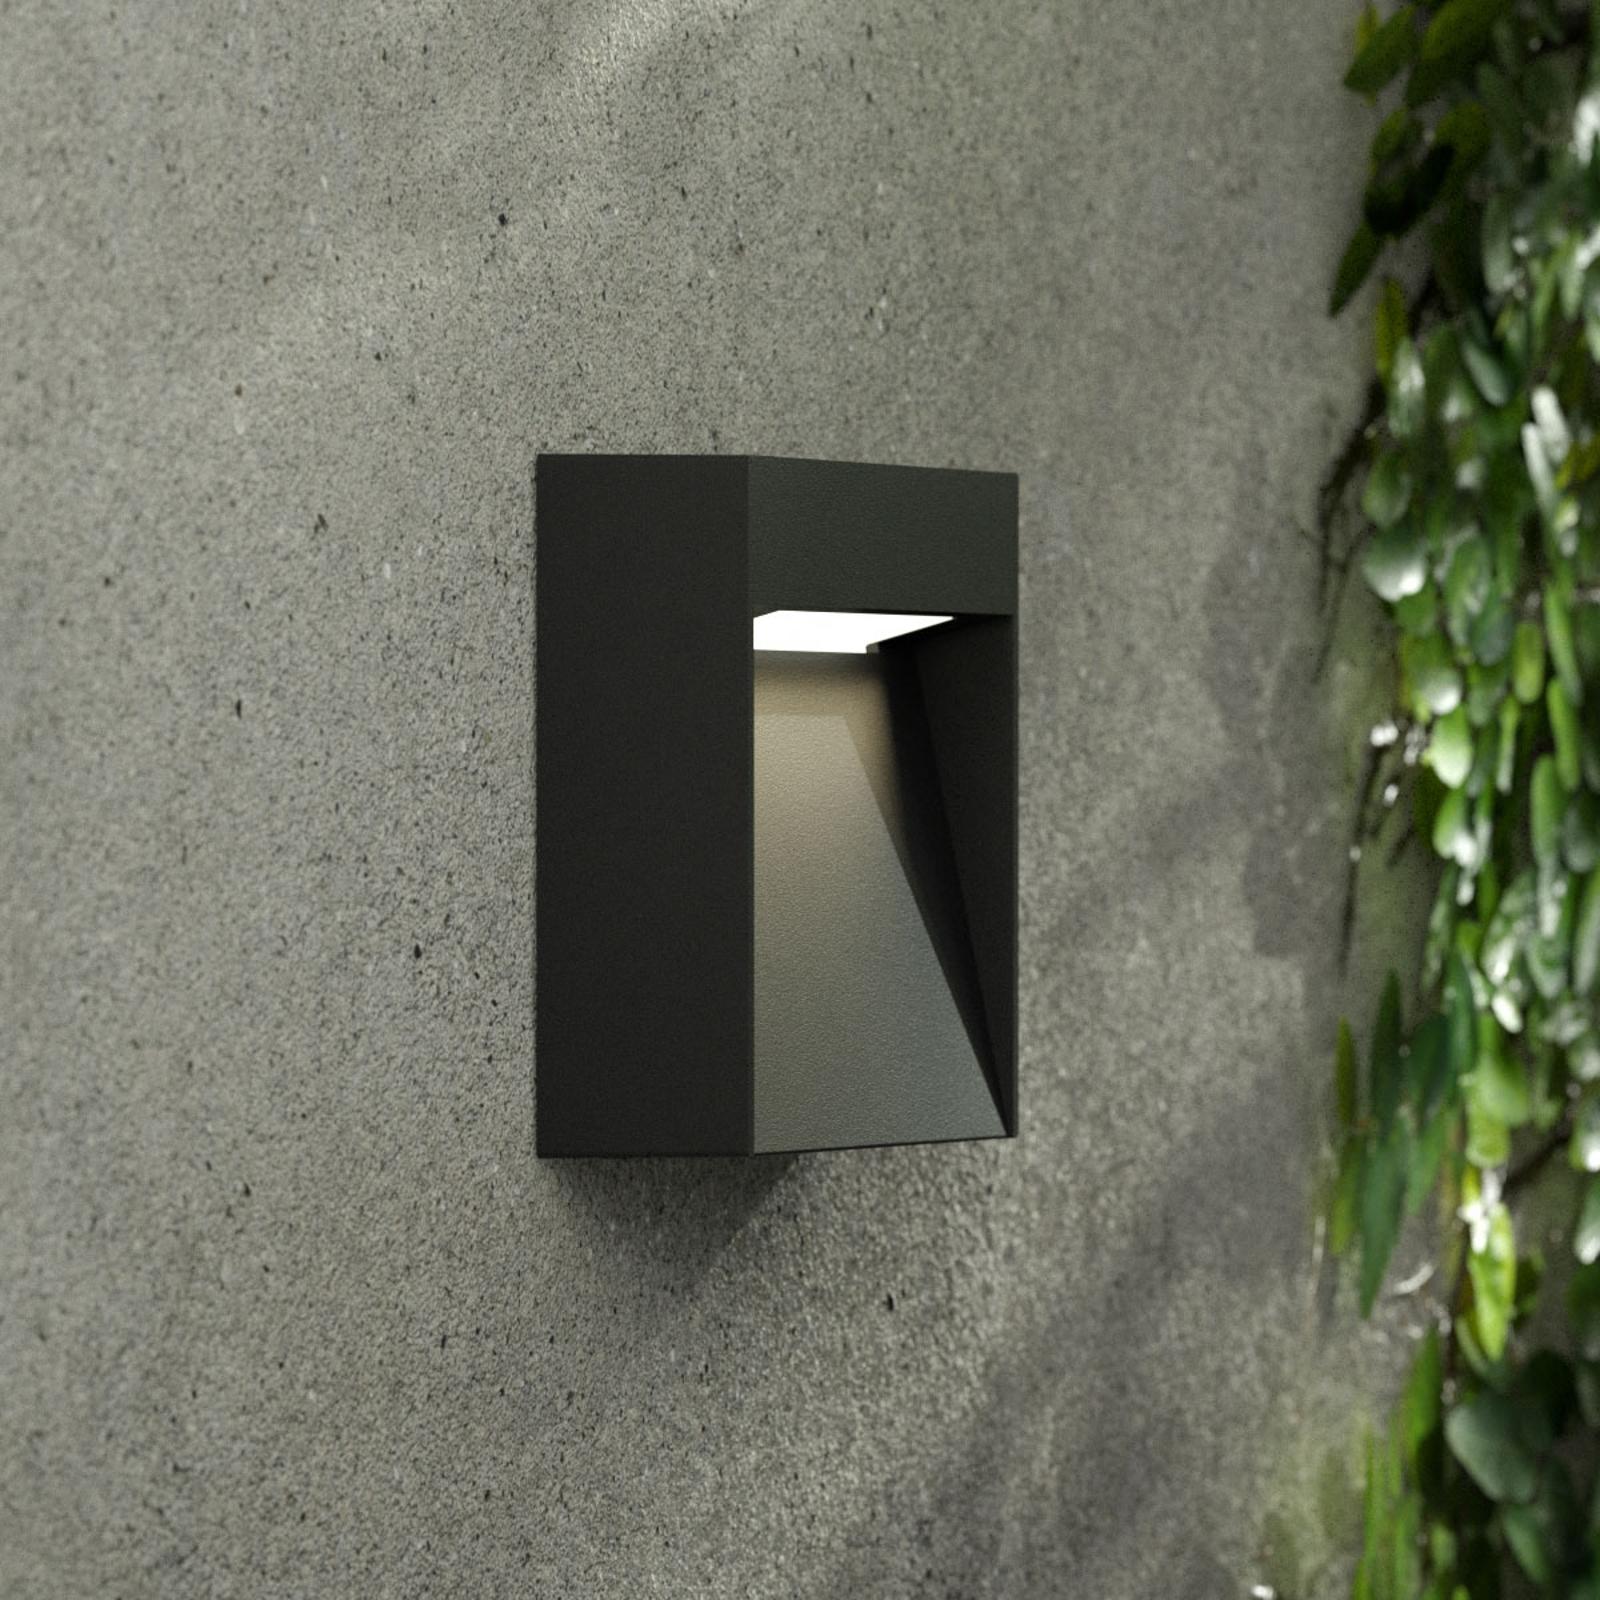 Bene - LED-vegglampe for utendørs bruk